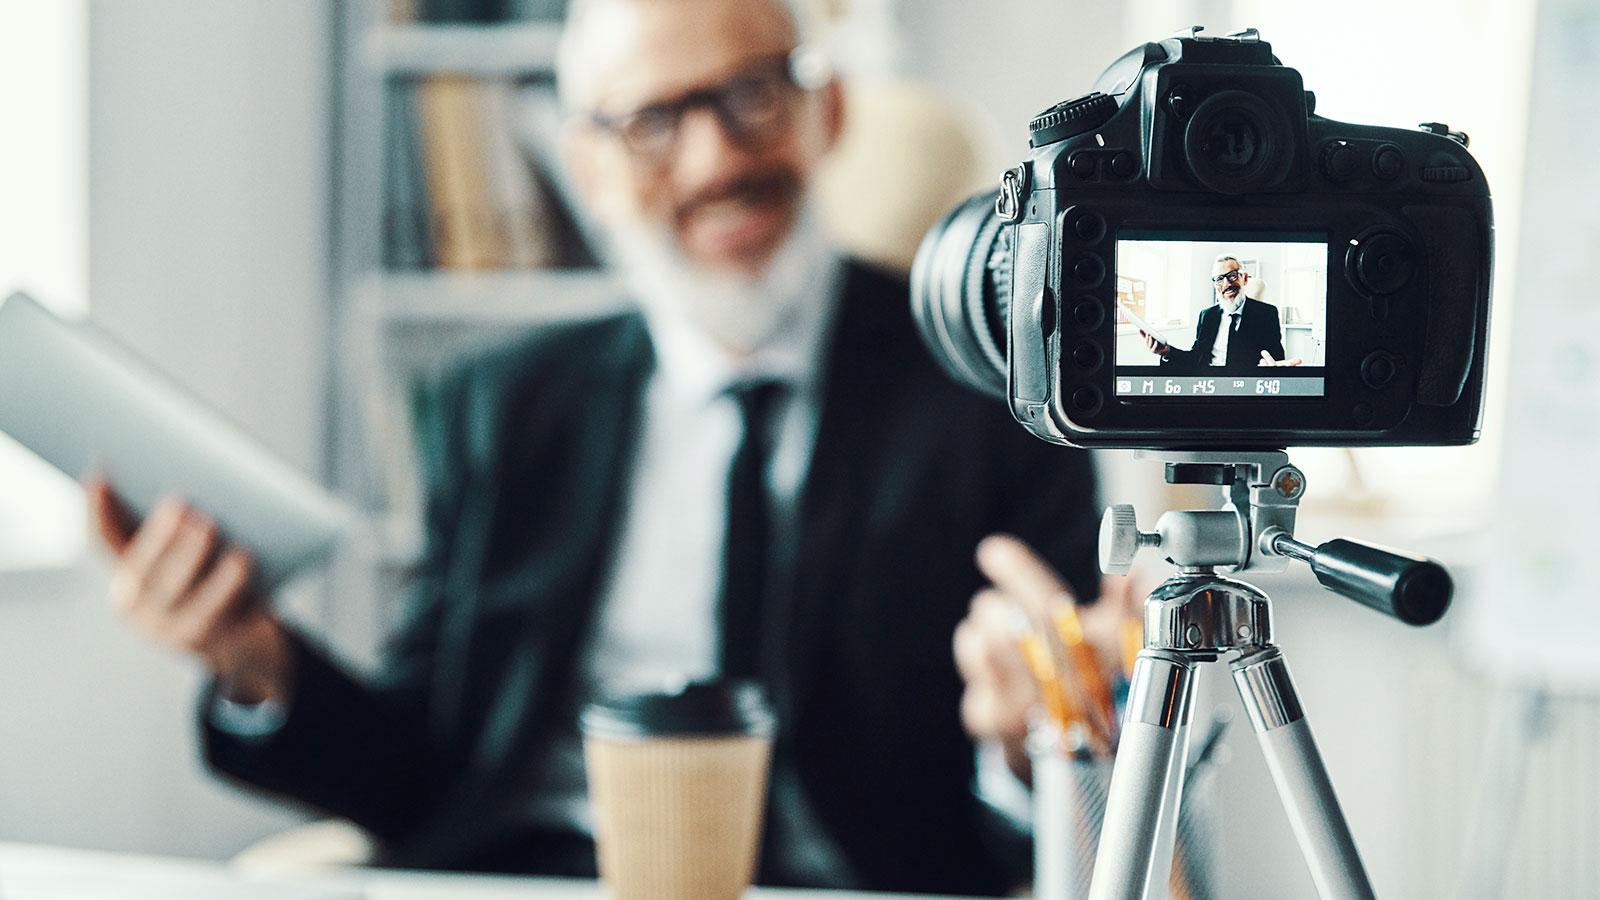 estrutura narrativa 3 - O que é e como planejar a estrutura narrativa de um vídeo?